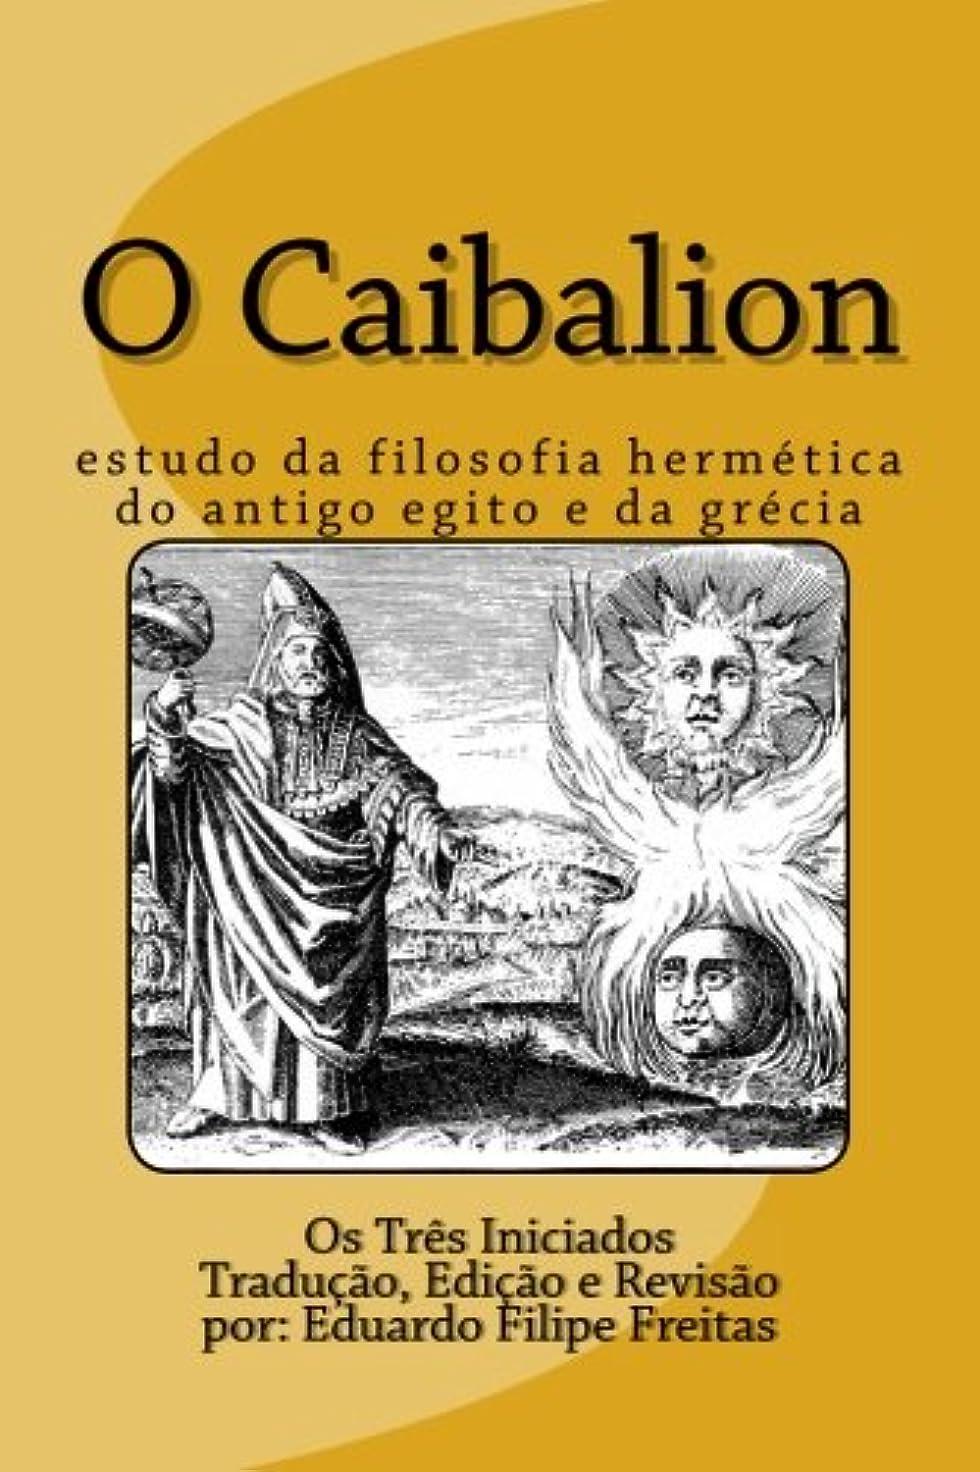 悪性のカーペット敬礼O Caibalion: Estudo da Filosofia Hermética do Antigo Egito e da Grécia